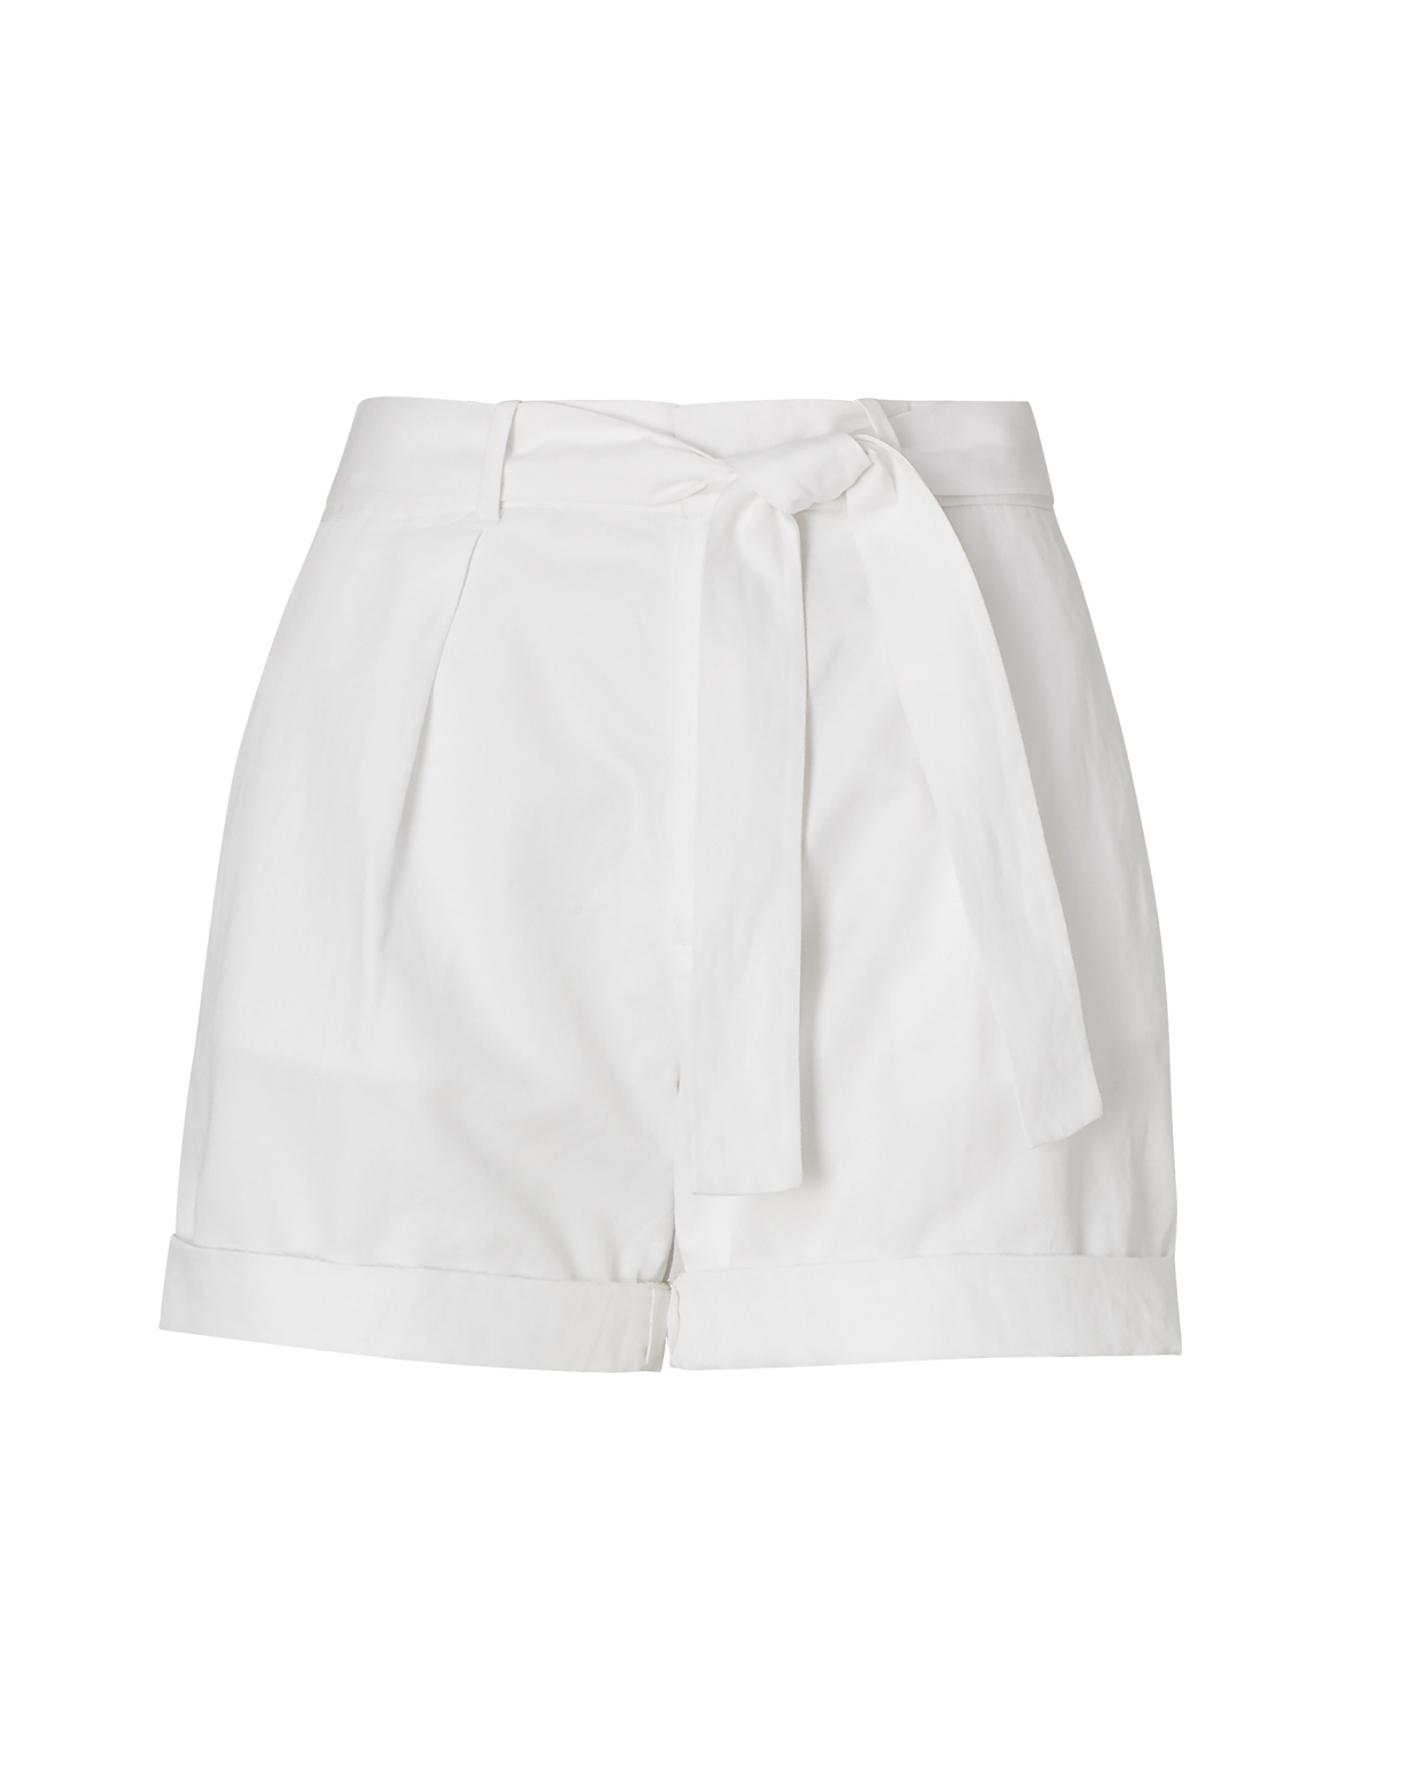 Women's Pants, Jumpsuits, & Shorts on Sale | Ralph Lauren